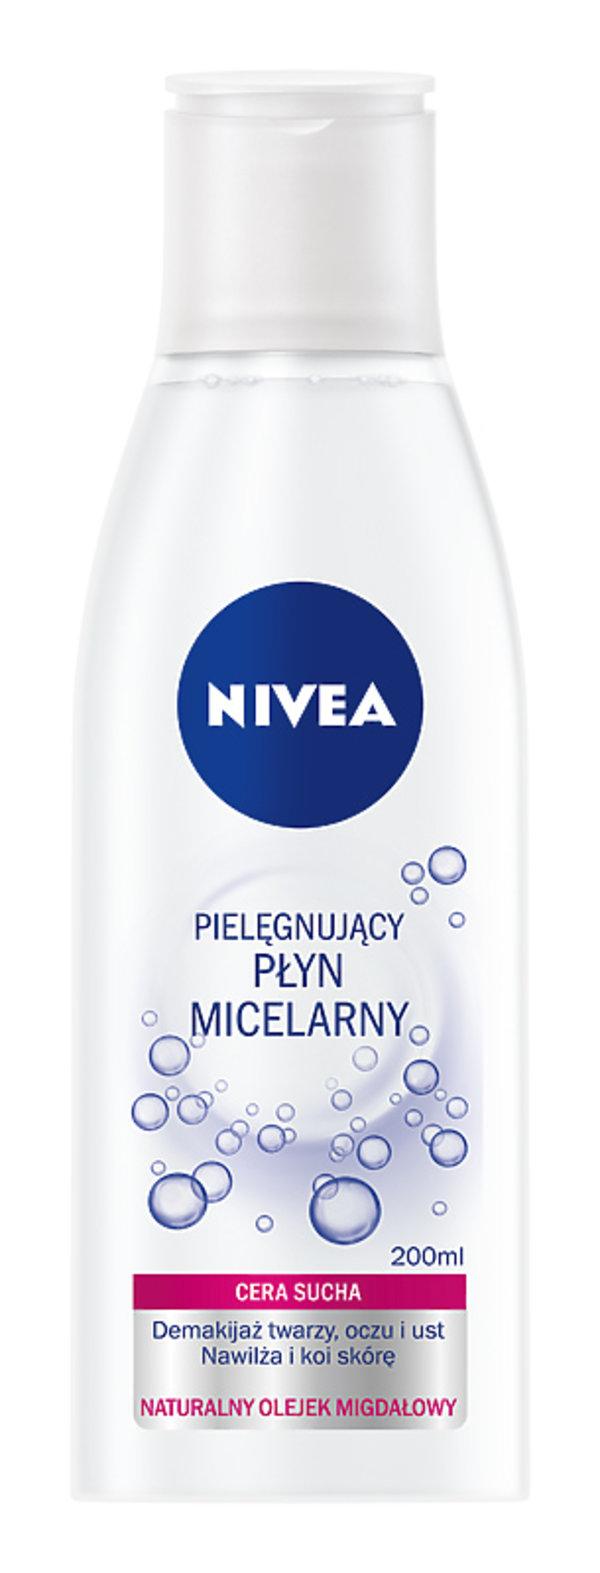 Pielęgnujący płyn micelarny dla skóry suchej, Nivea, 15,99 zł